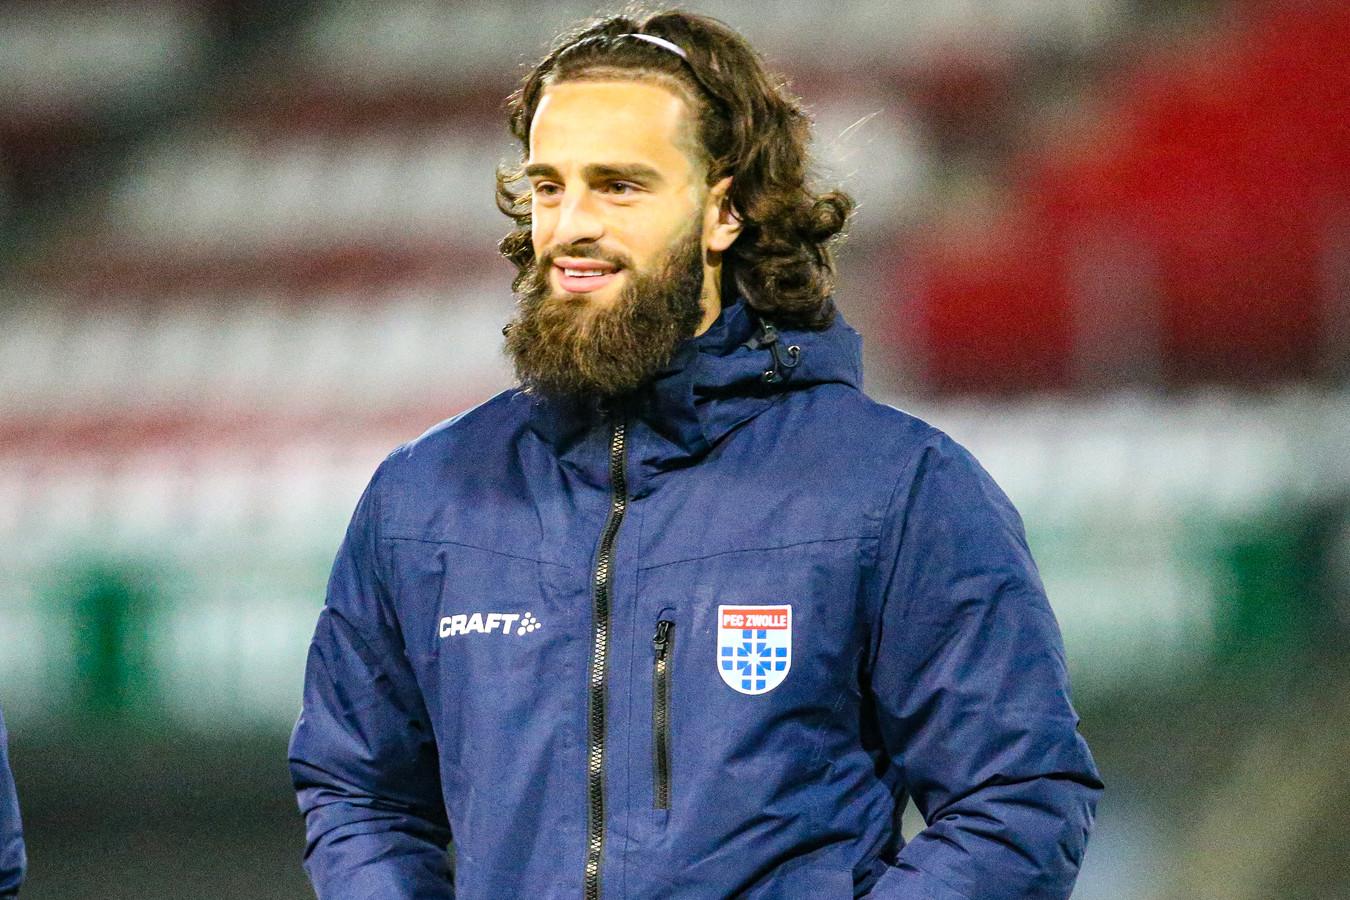 Destan Bajselmani staat in de opstelling van PEC Zwolle, dat zondag speelt tegen ADO Den Haag. De verdediger speelde in oktober voor het laatst in de eredivisie.